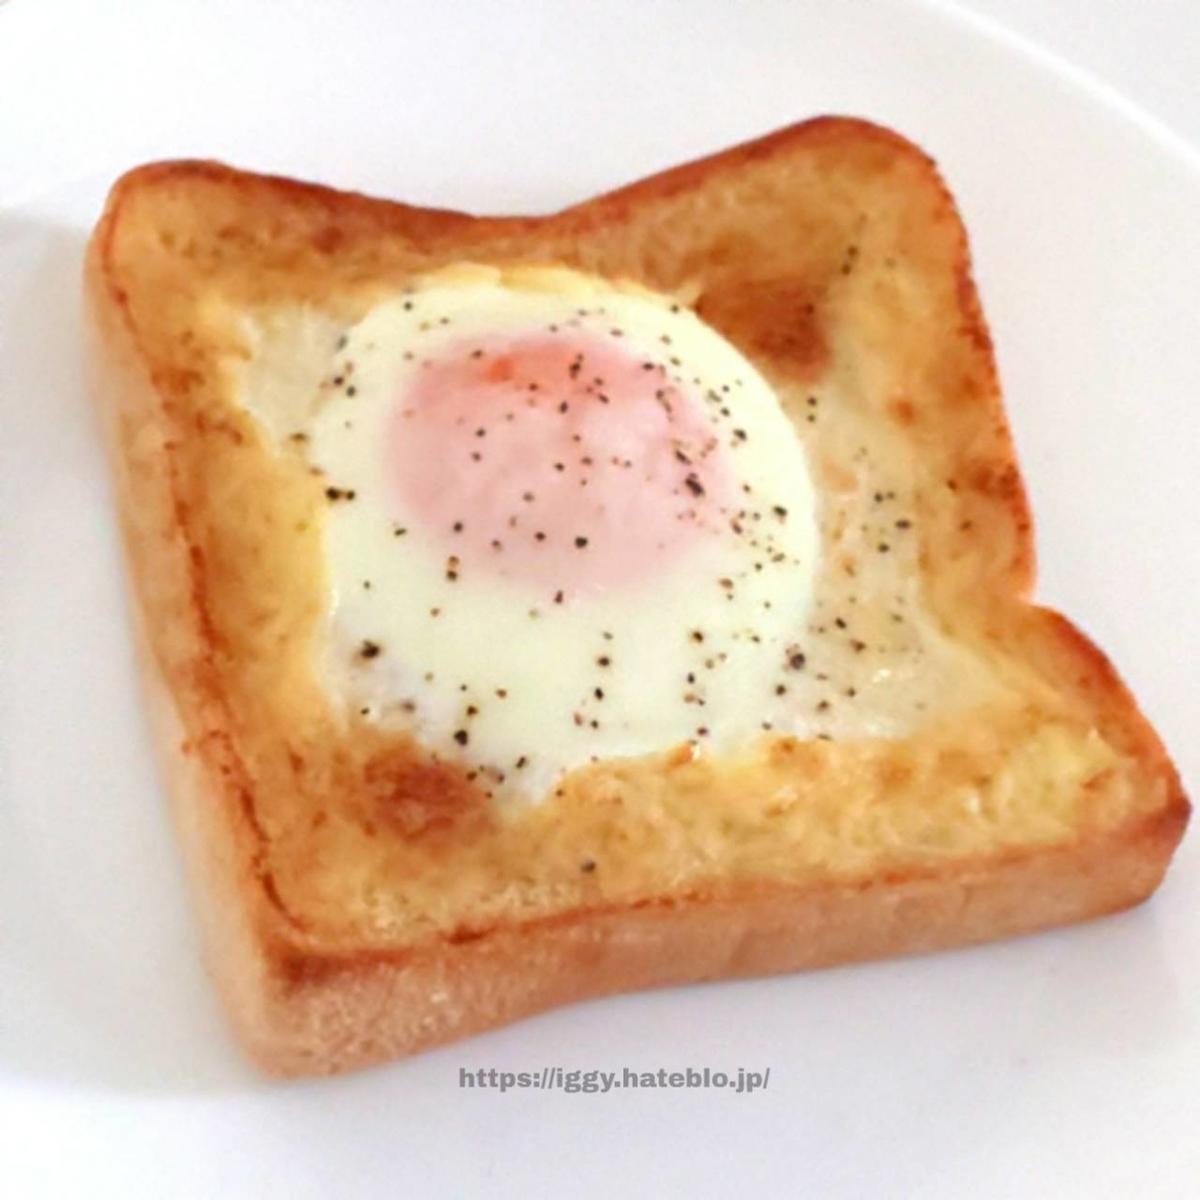 マヨエッグトースト こがしマヨたま 作り方